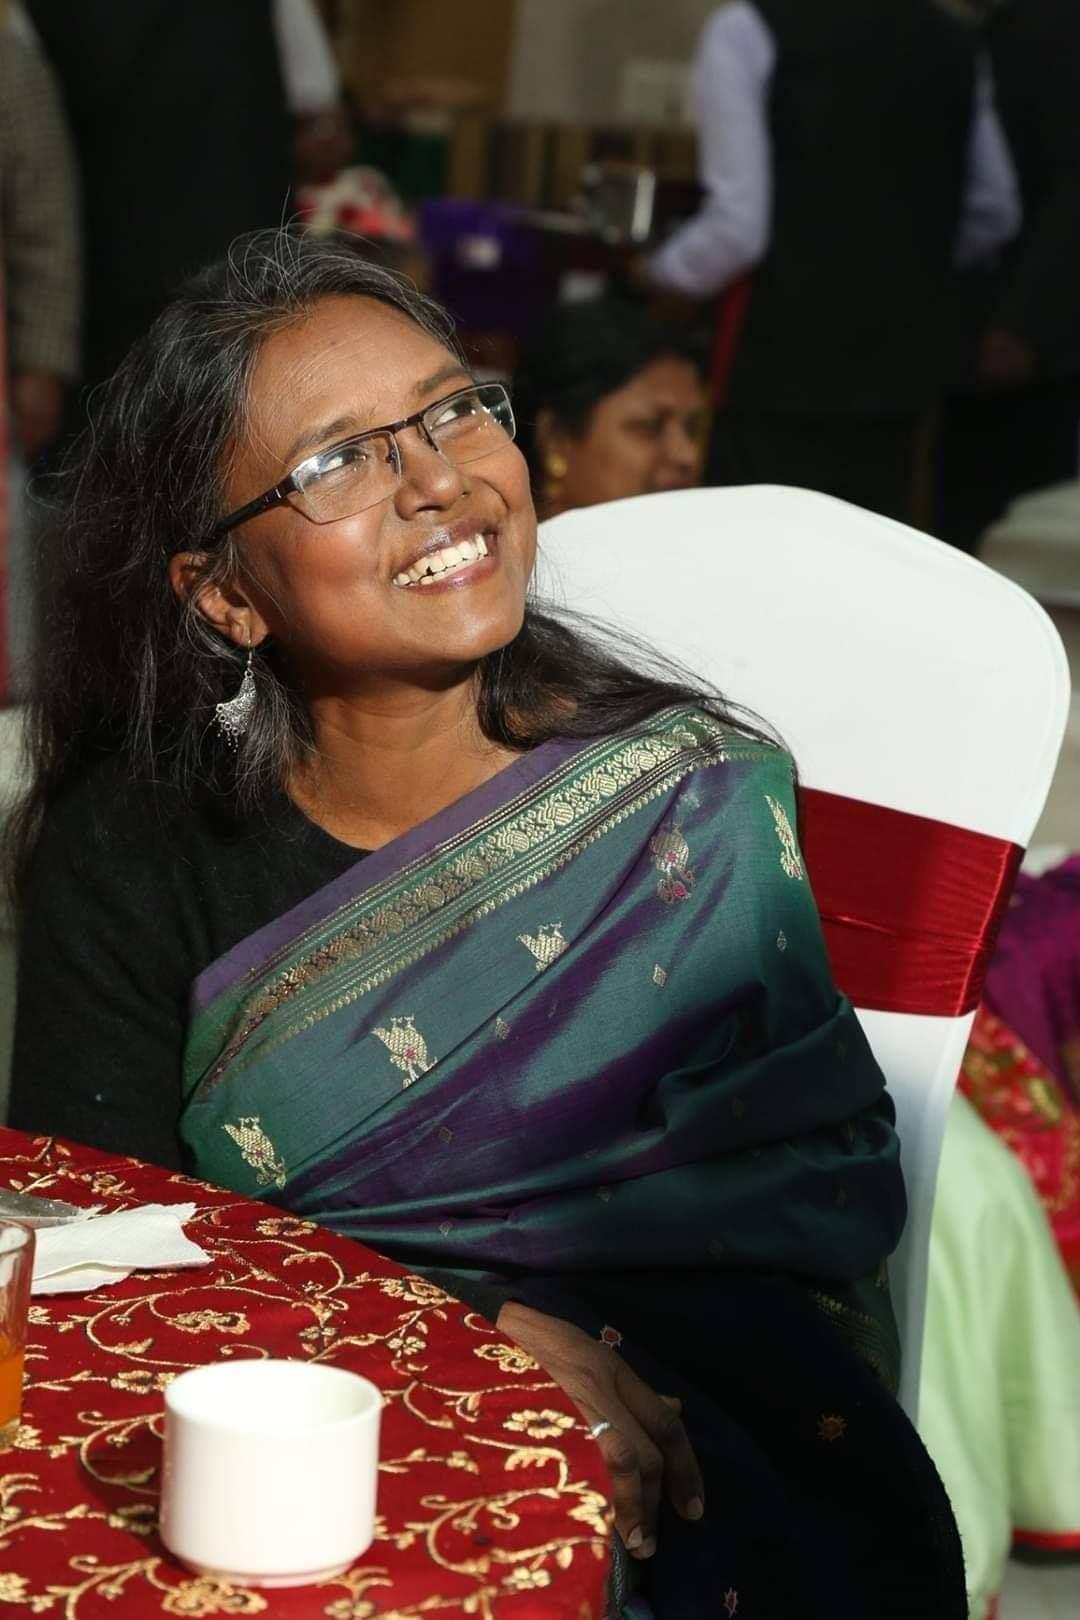 ঝাড়খণ্ড রাজ্যের সিদো কানহো মুর্মু বিশ্ববিদ্যালয়ের উপাচার্য নিযুক্ত হলেন সোনা ঝরিয়া মিনজ|